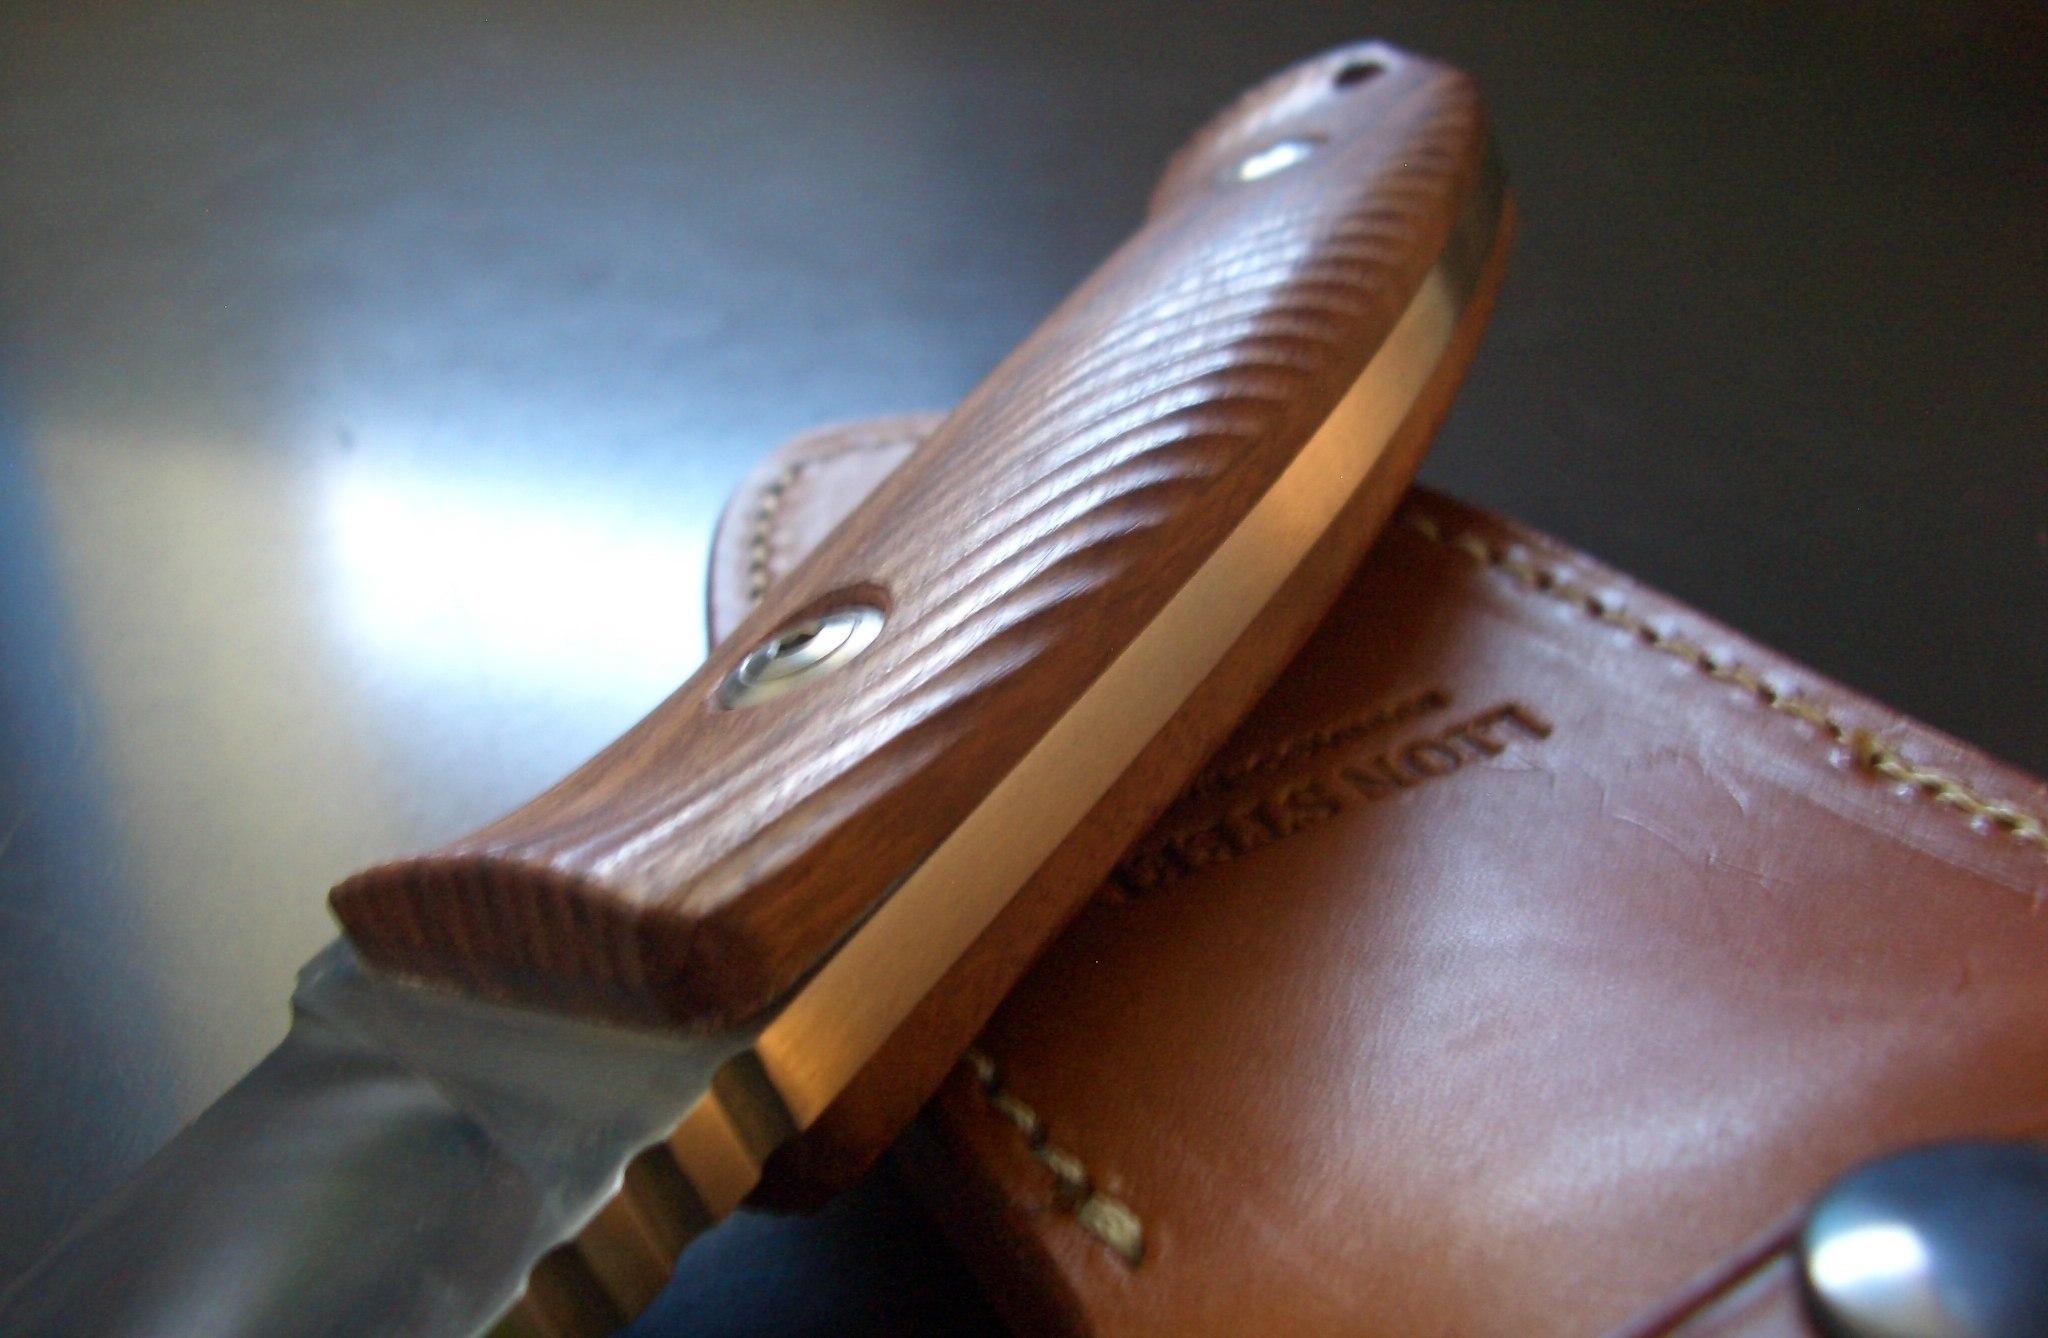 Фото 10 - Нож с фиксированным клинком LionSteel M3 ST Santos Wood, сталь Niolox, рукоять палисандр от Lion Steel